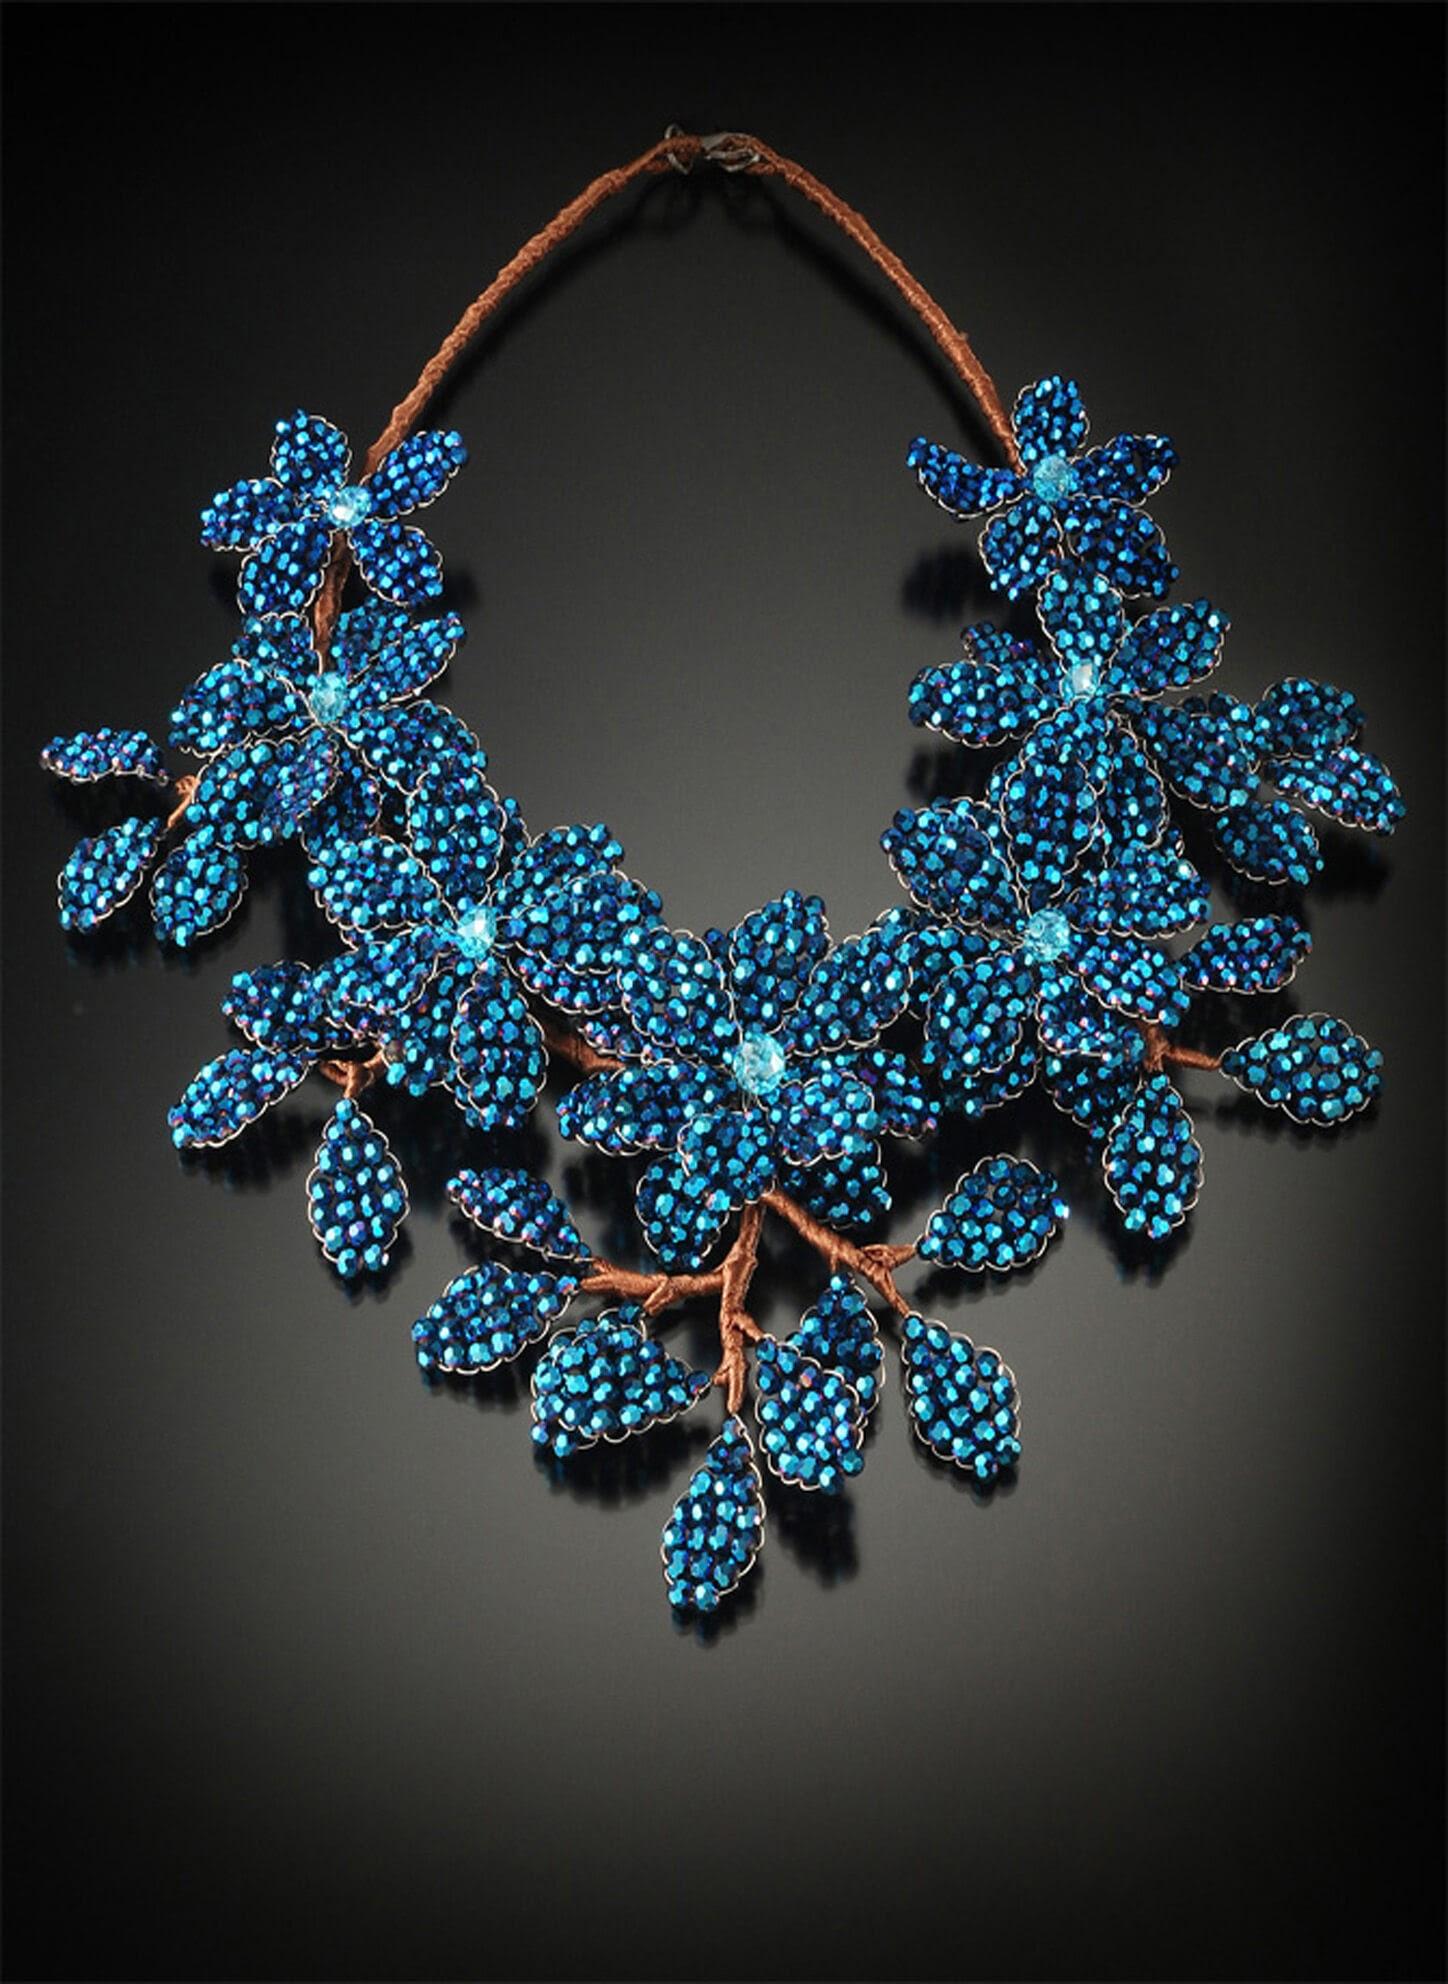 Lakkana Conti, Sarapaan, Jewelry 3